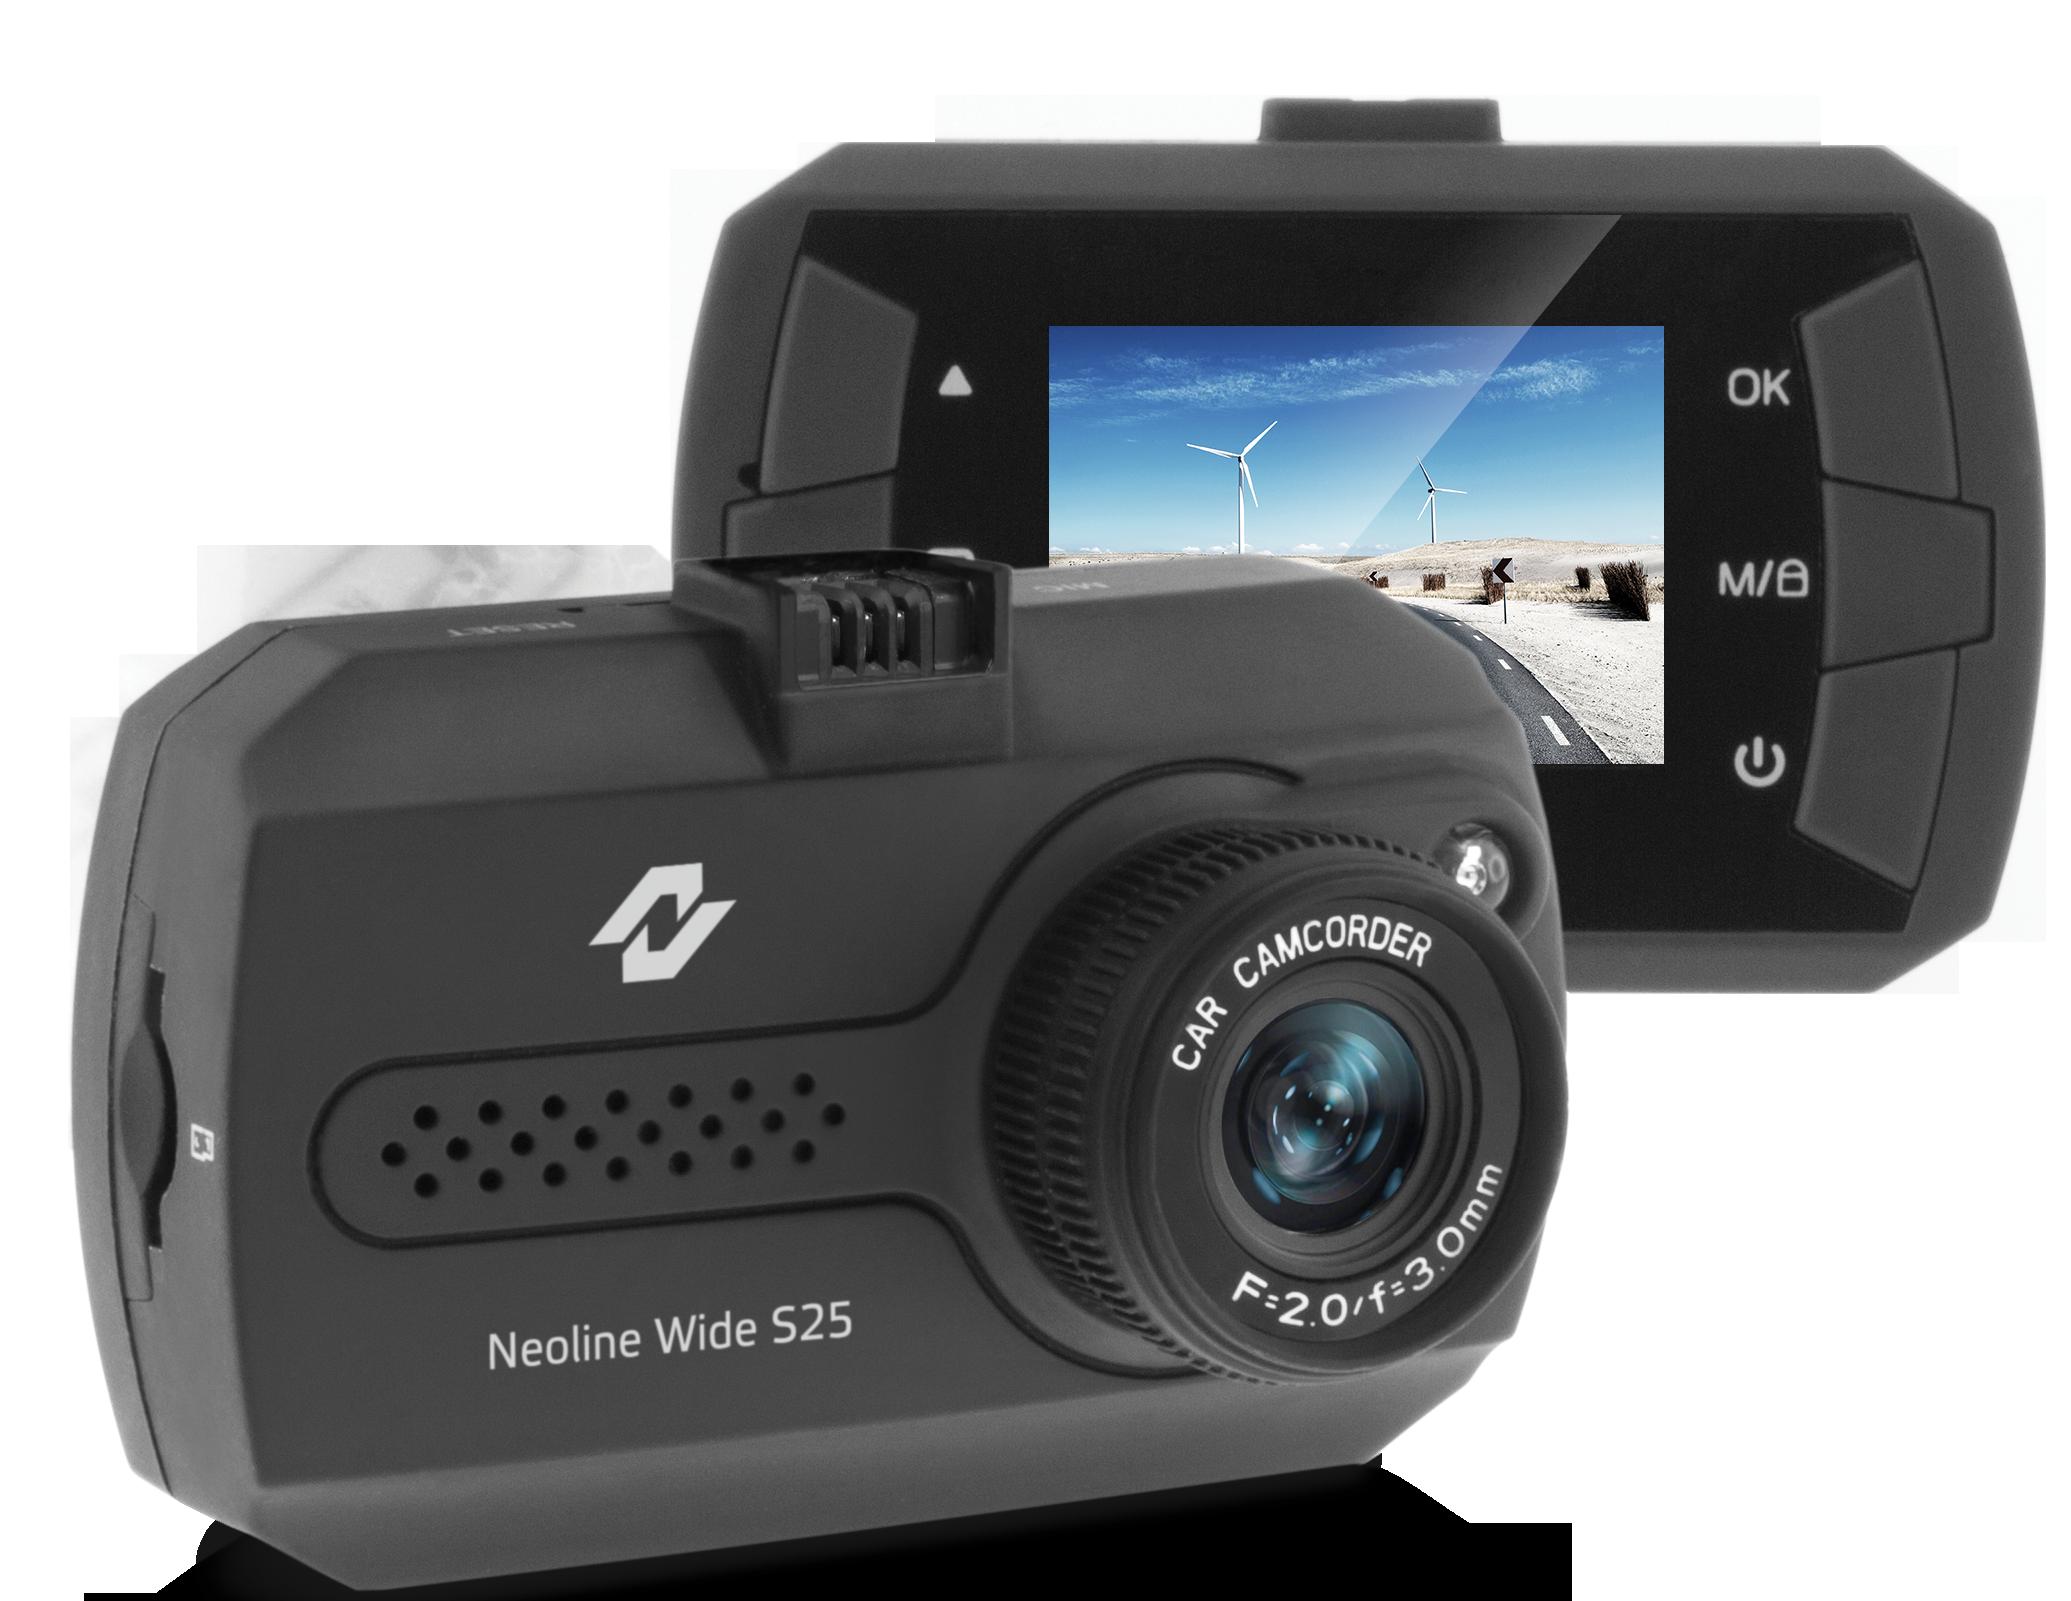 Видео регистратор в воронеже купить хороший видеорегистратор в гомеле